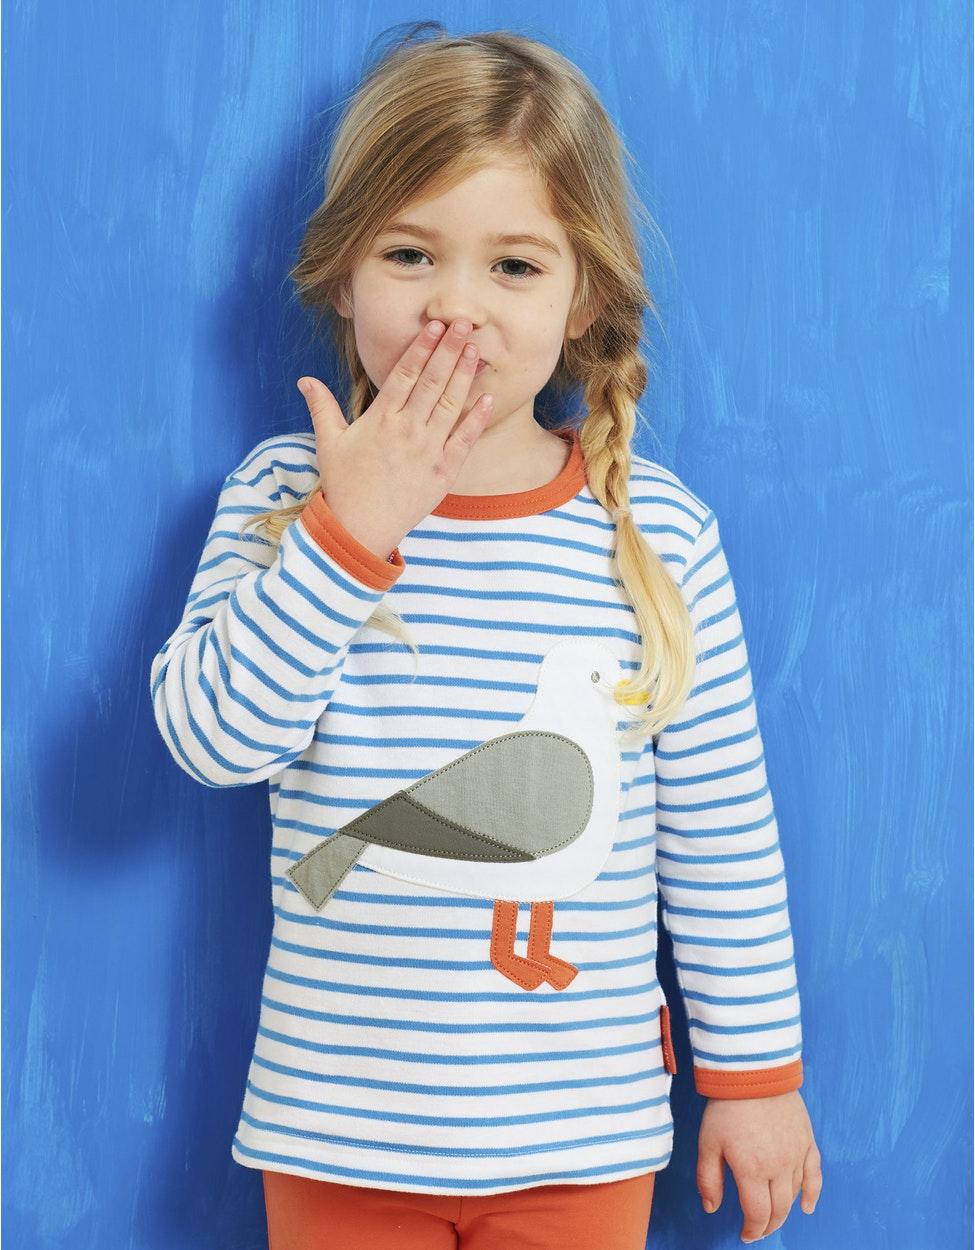 LSANSEAGULL+Organic+Seagull+Applique+LS+T-Shirt